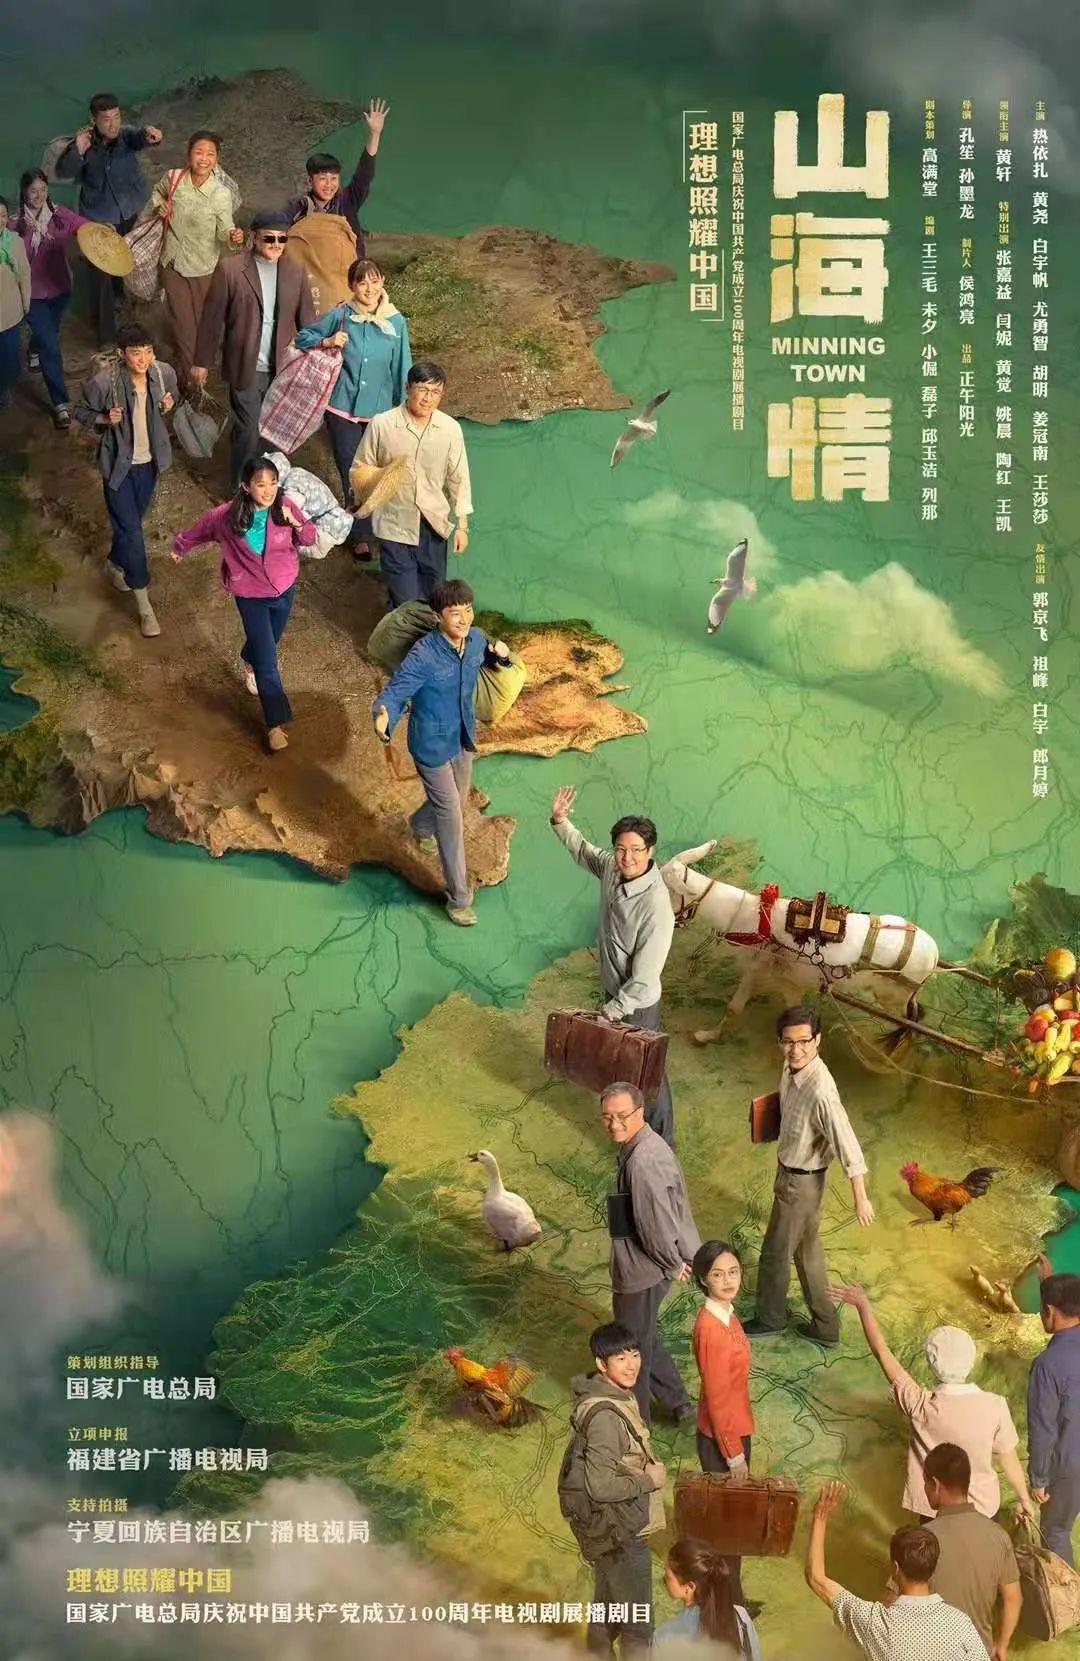 《山海情》在第27届上海电视节荣获最佳中国电视剧